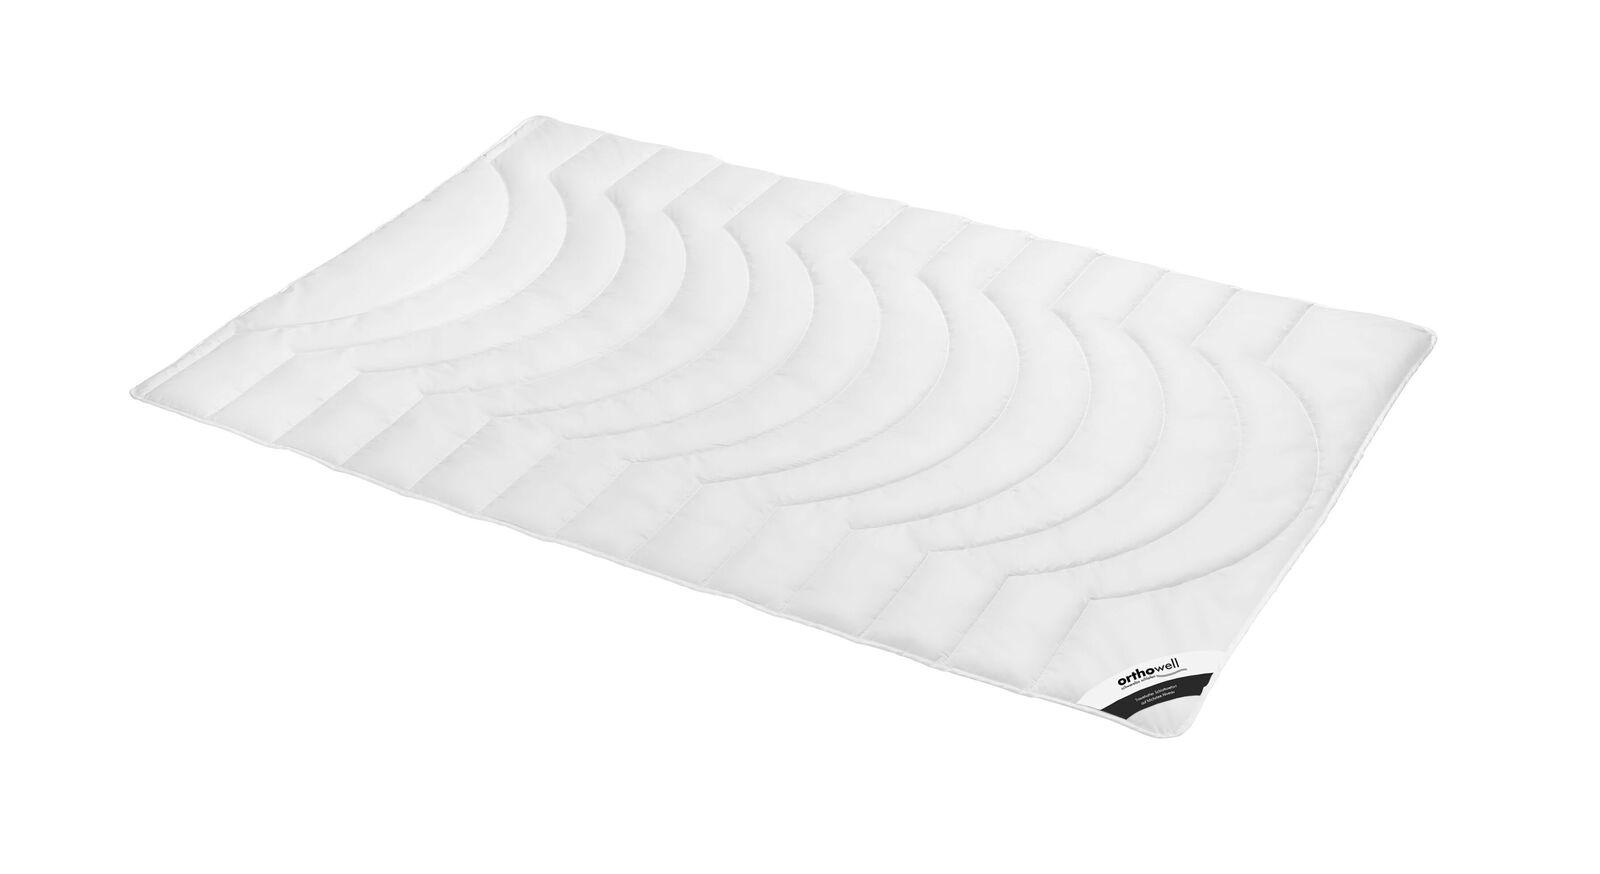 Faser-Bettdecke orthowell Premium extra leicht für Sommermonate